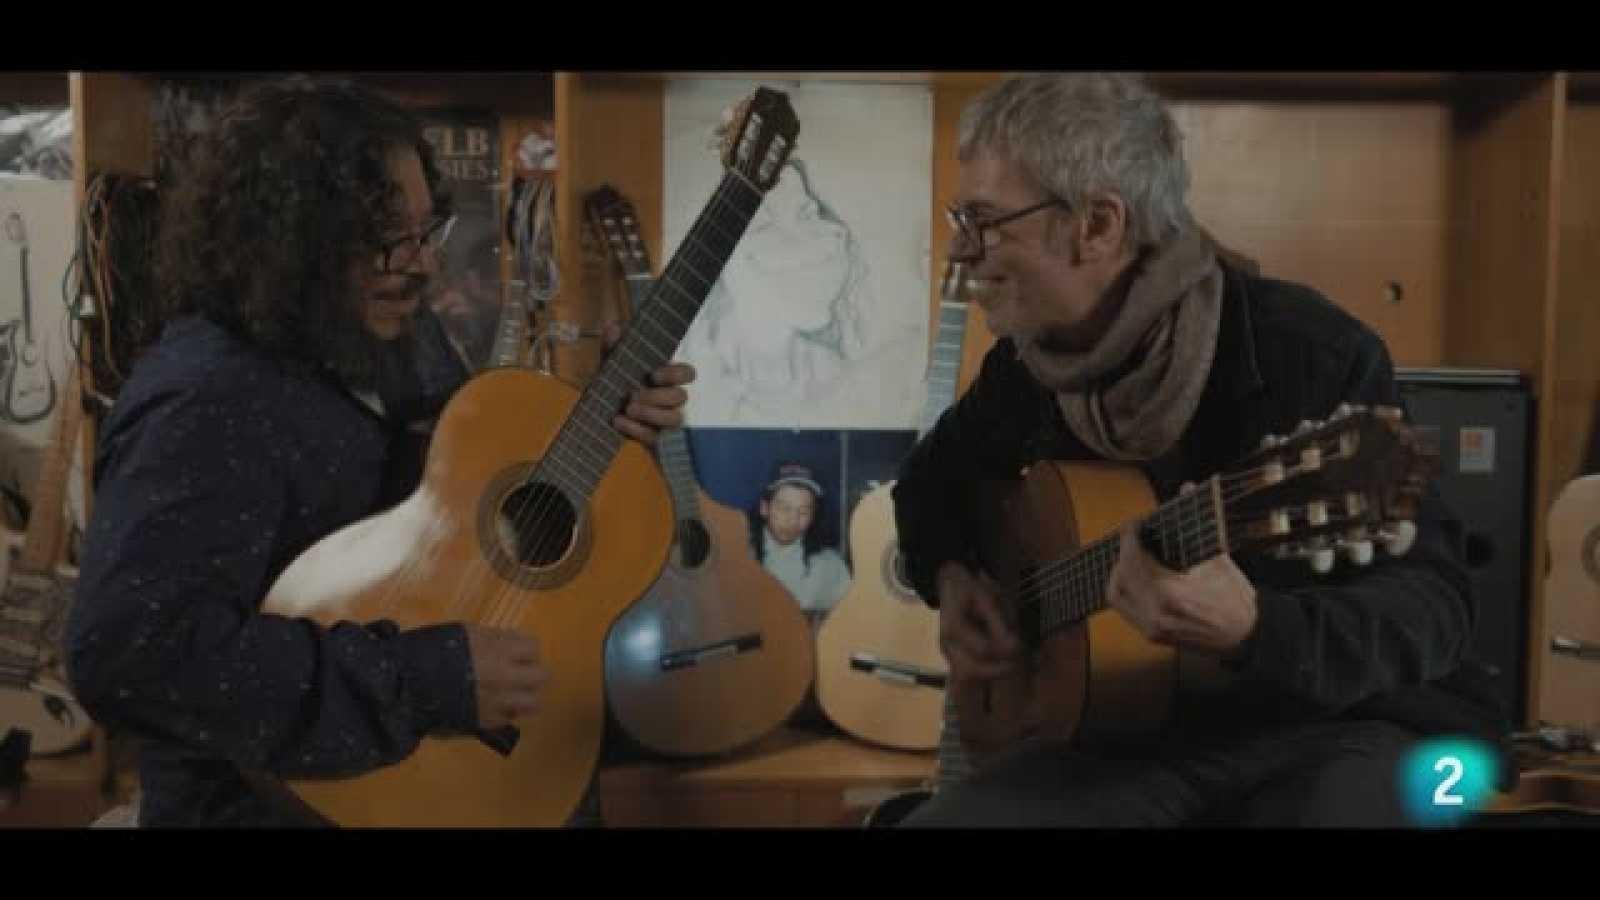 Un país para escucharlo - Vídeo promoción